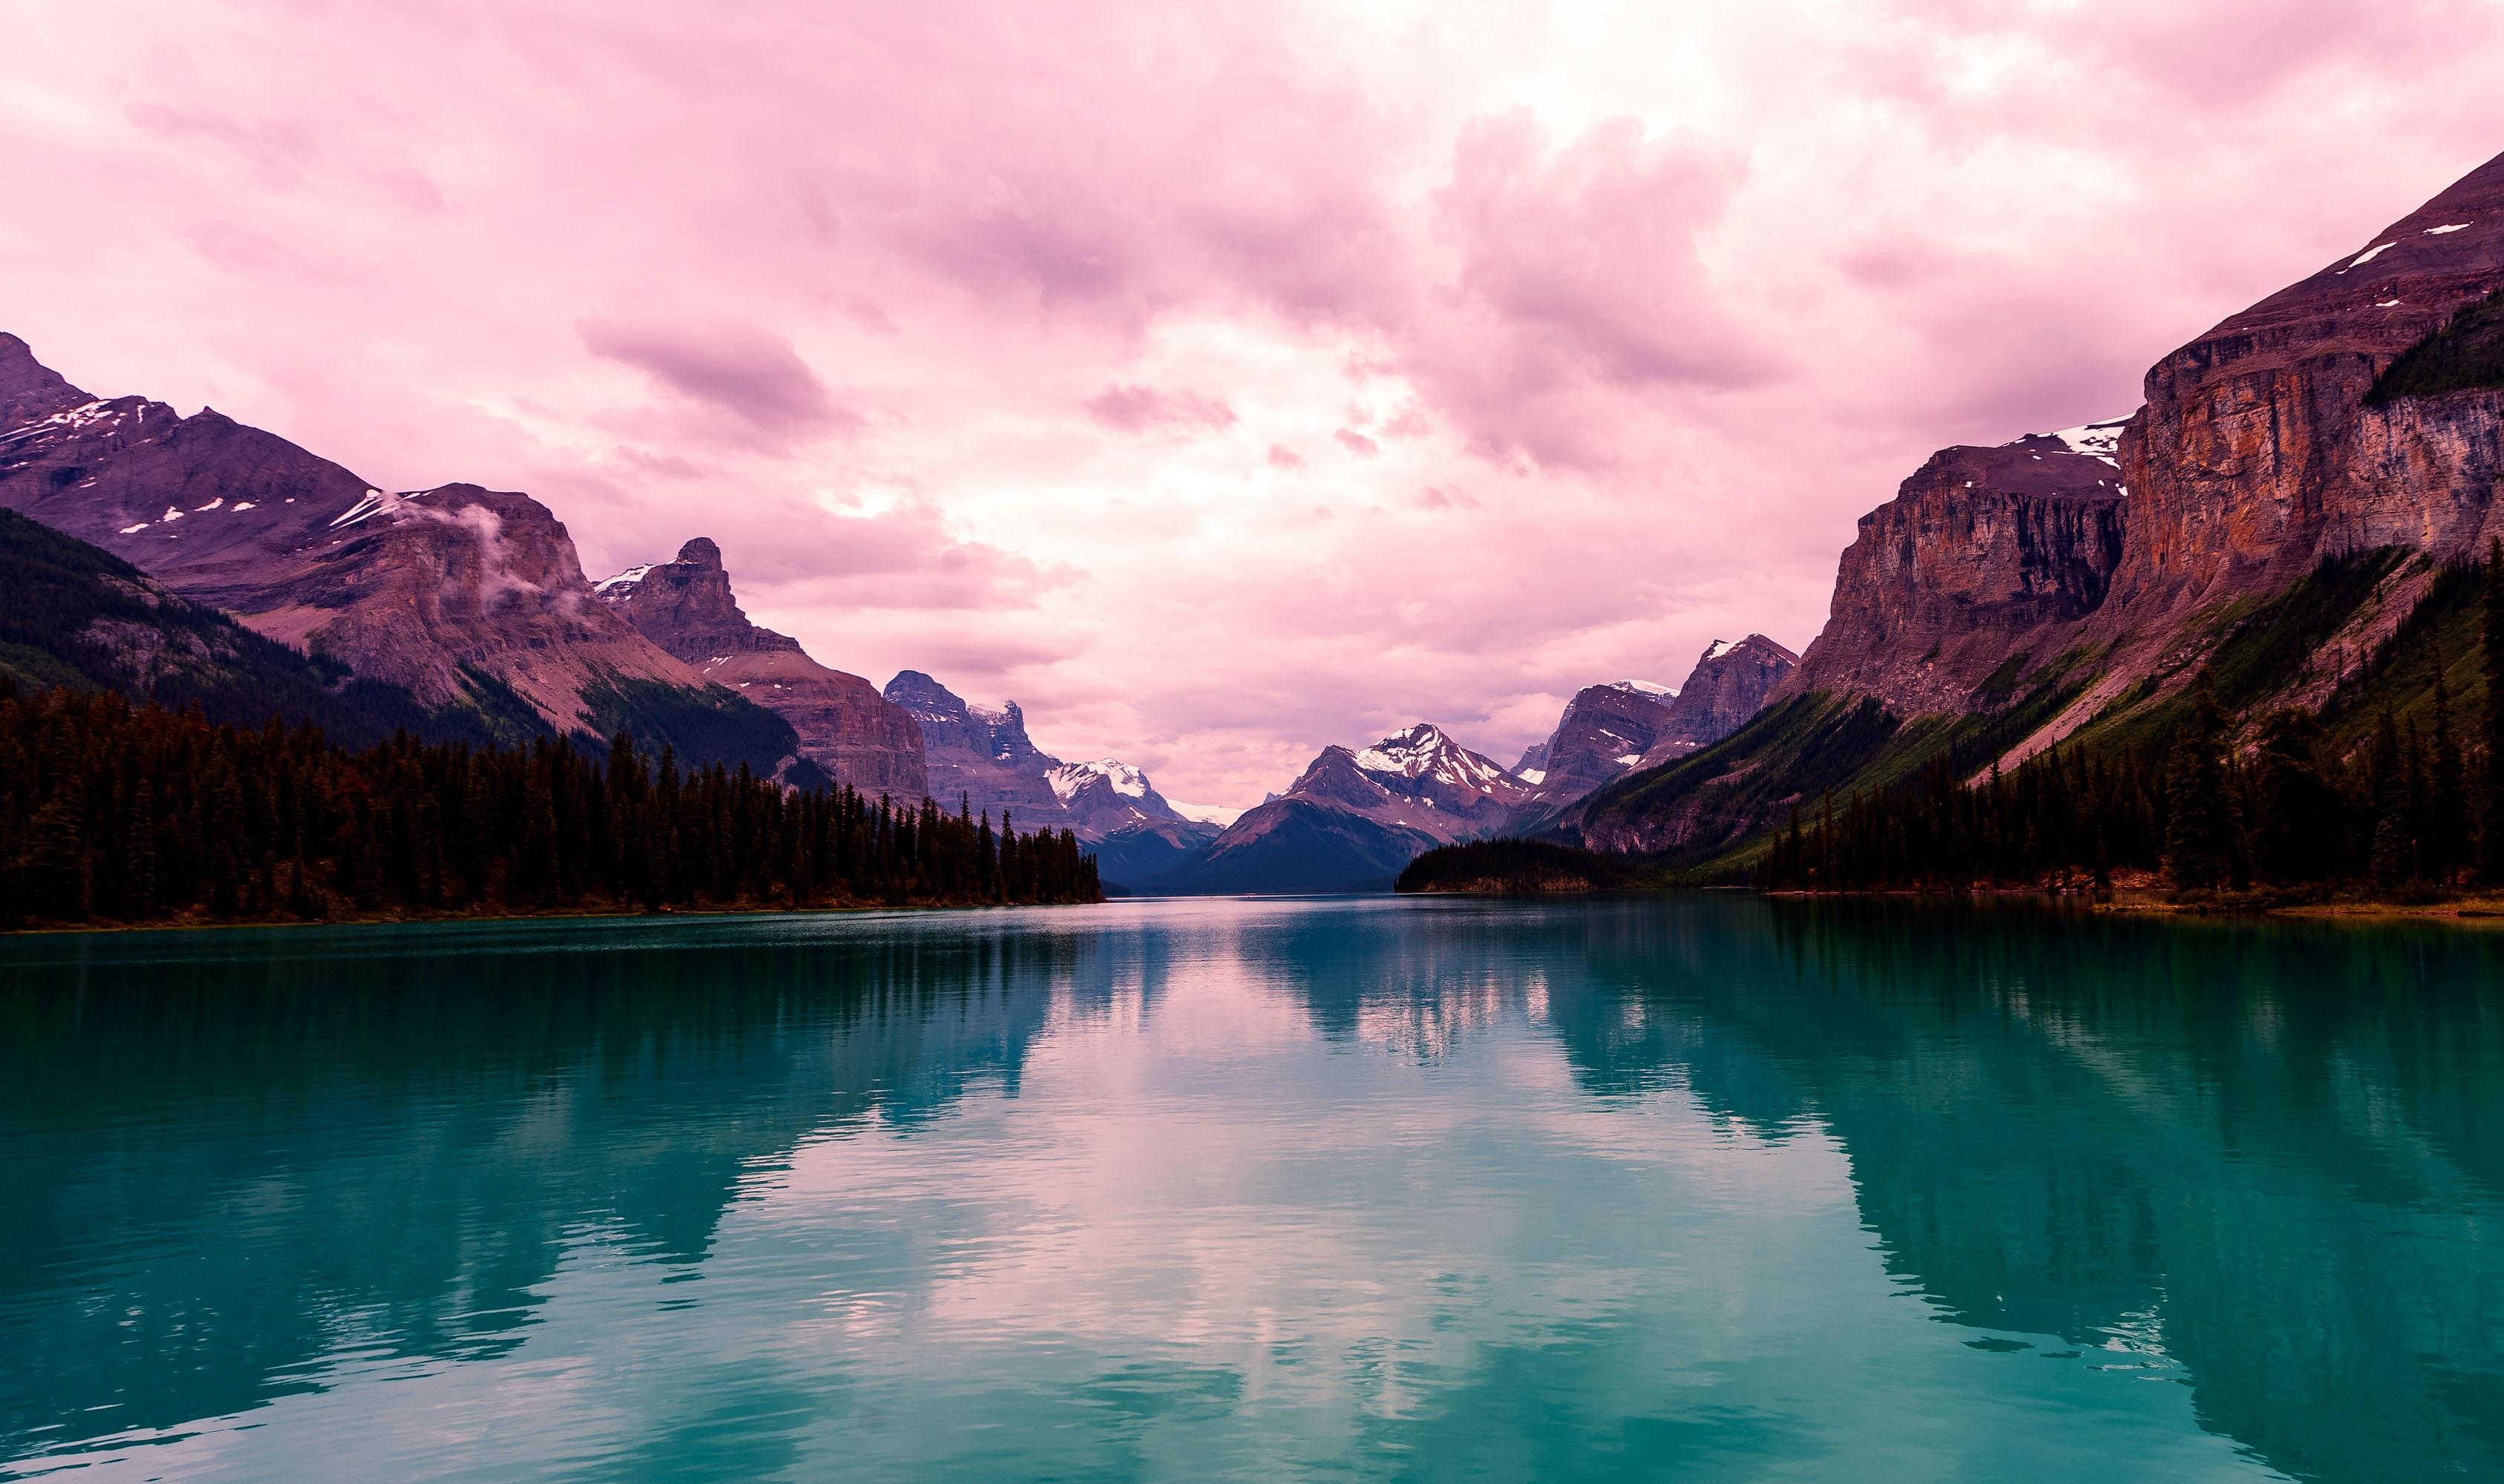 Best 100 Lake Images Download Free Images On Unsplash